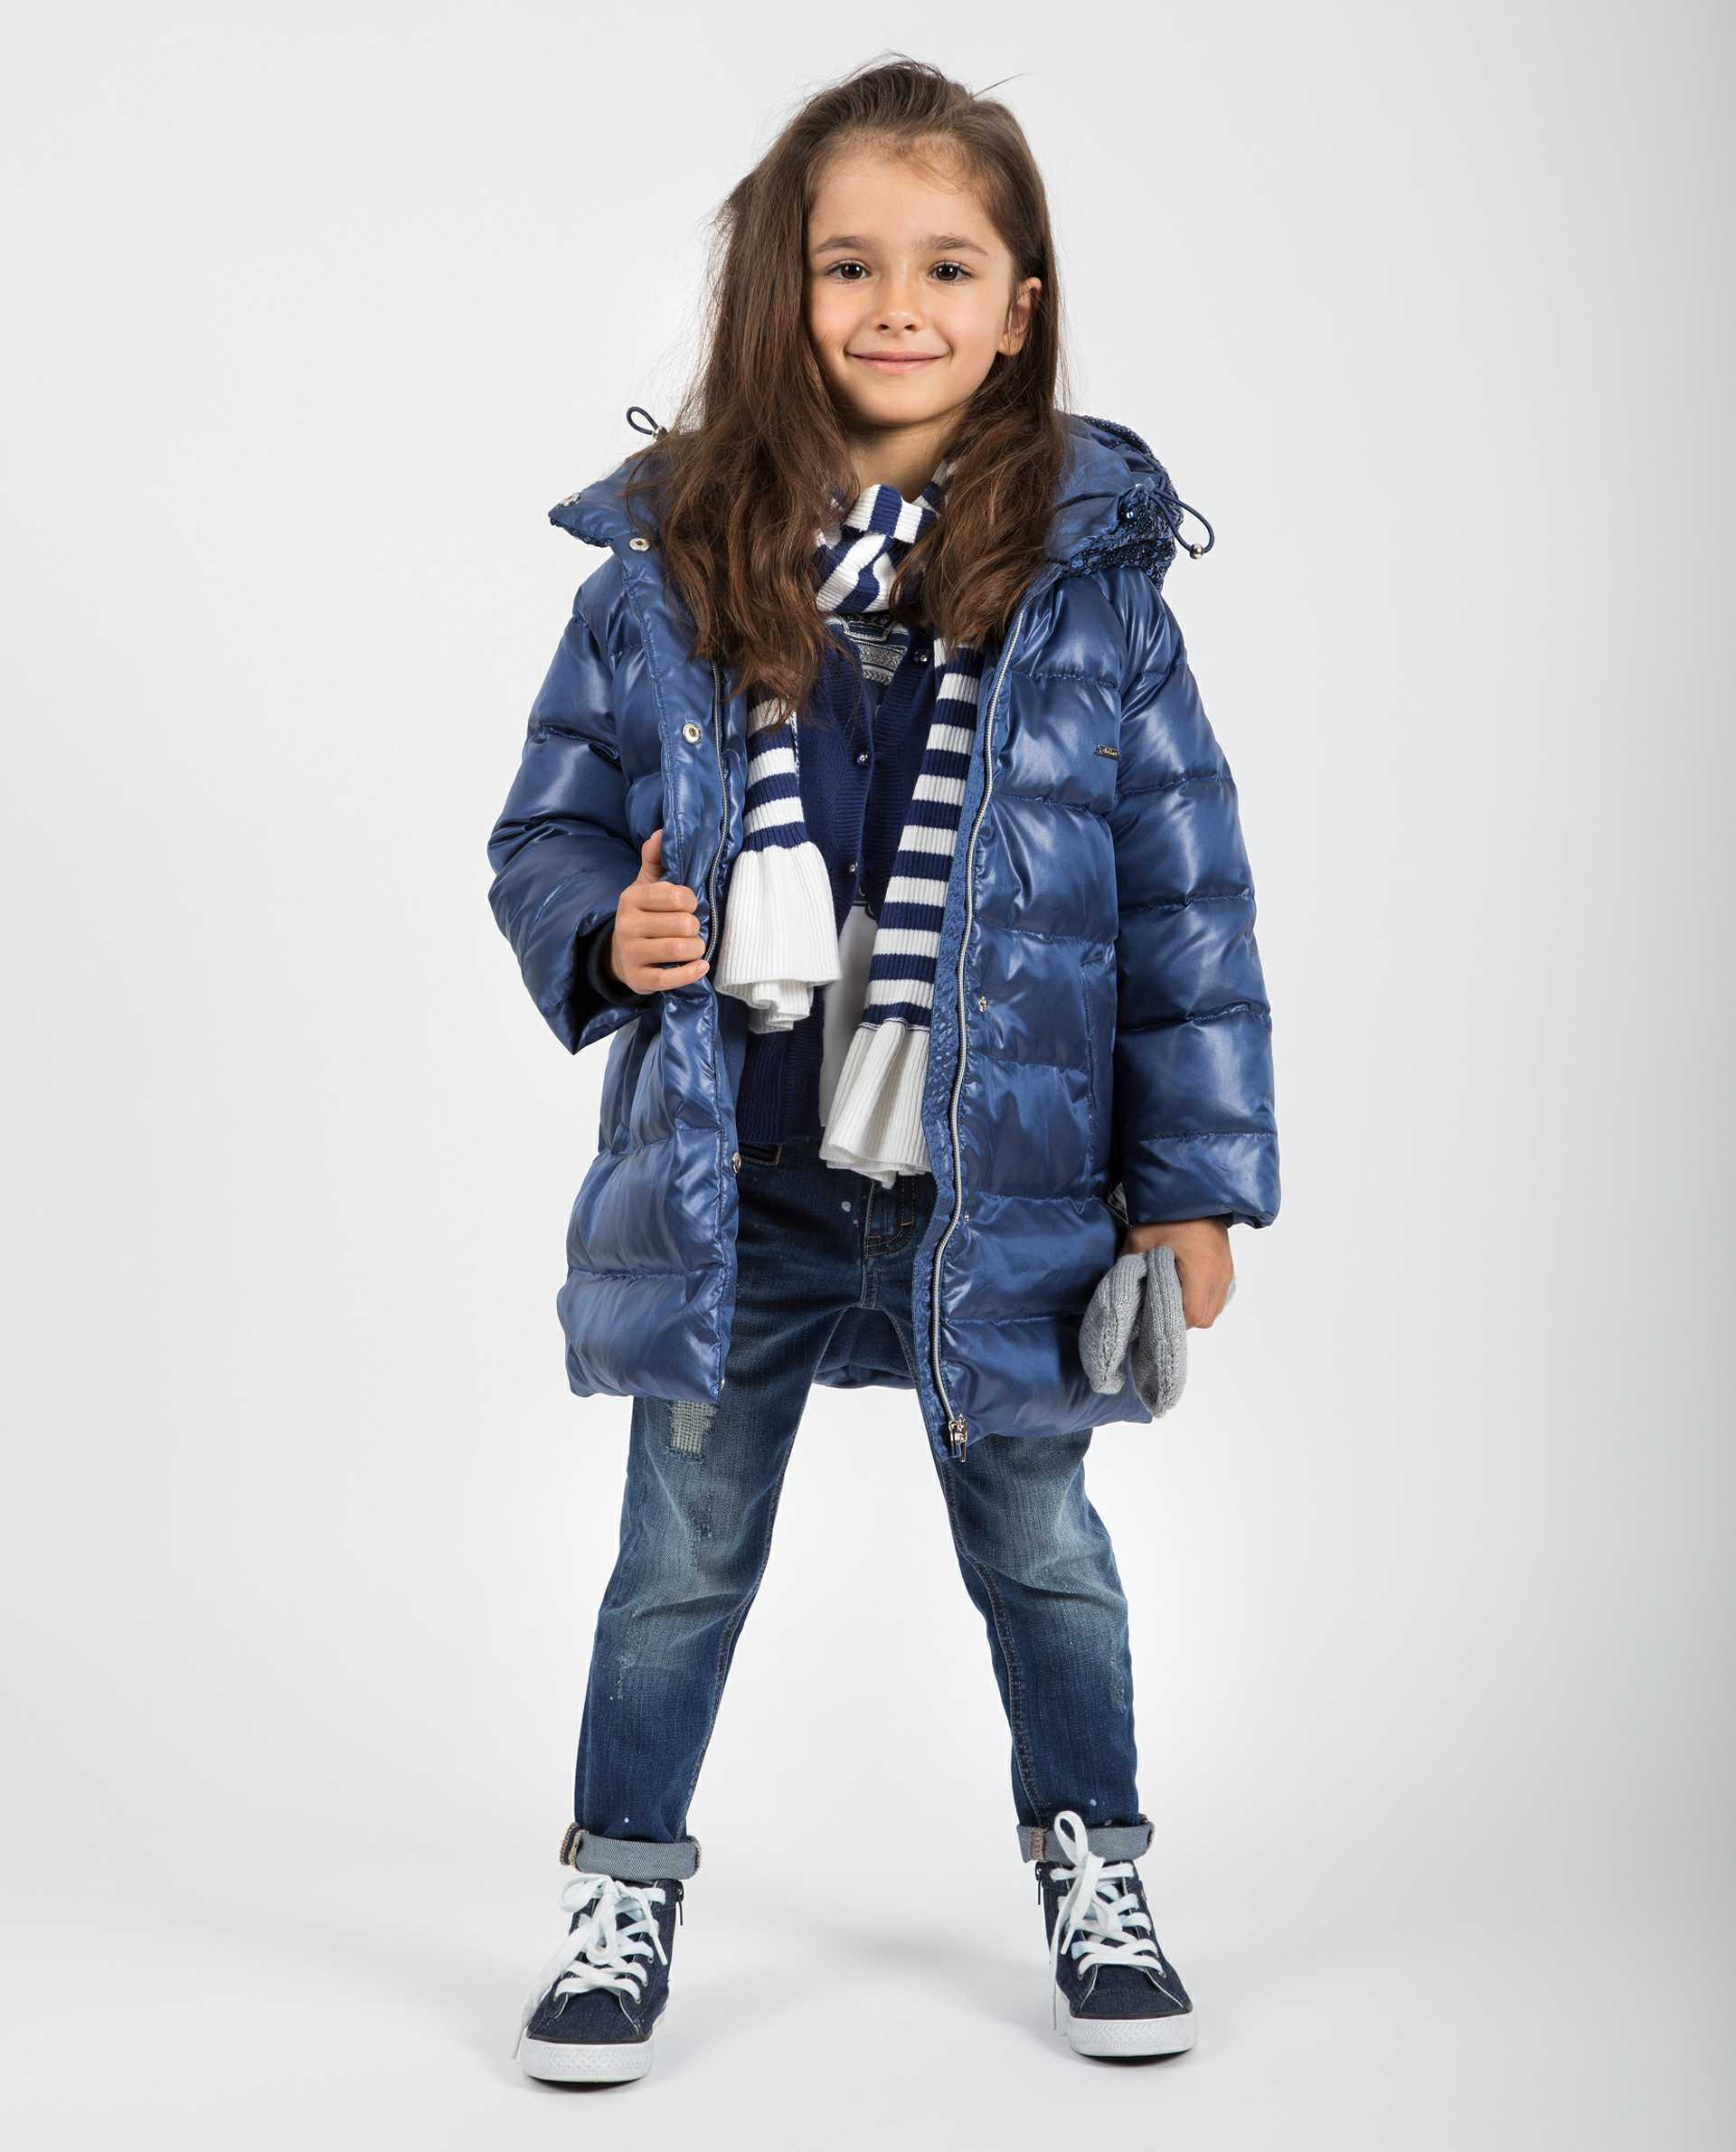 Gulliver专业生产童装国际品牌